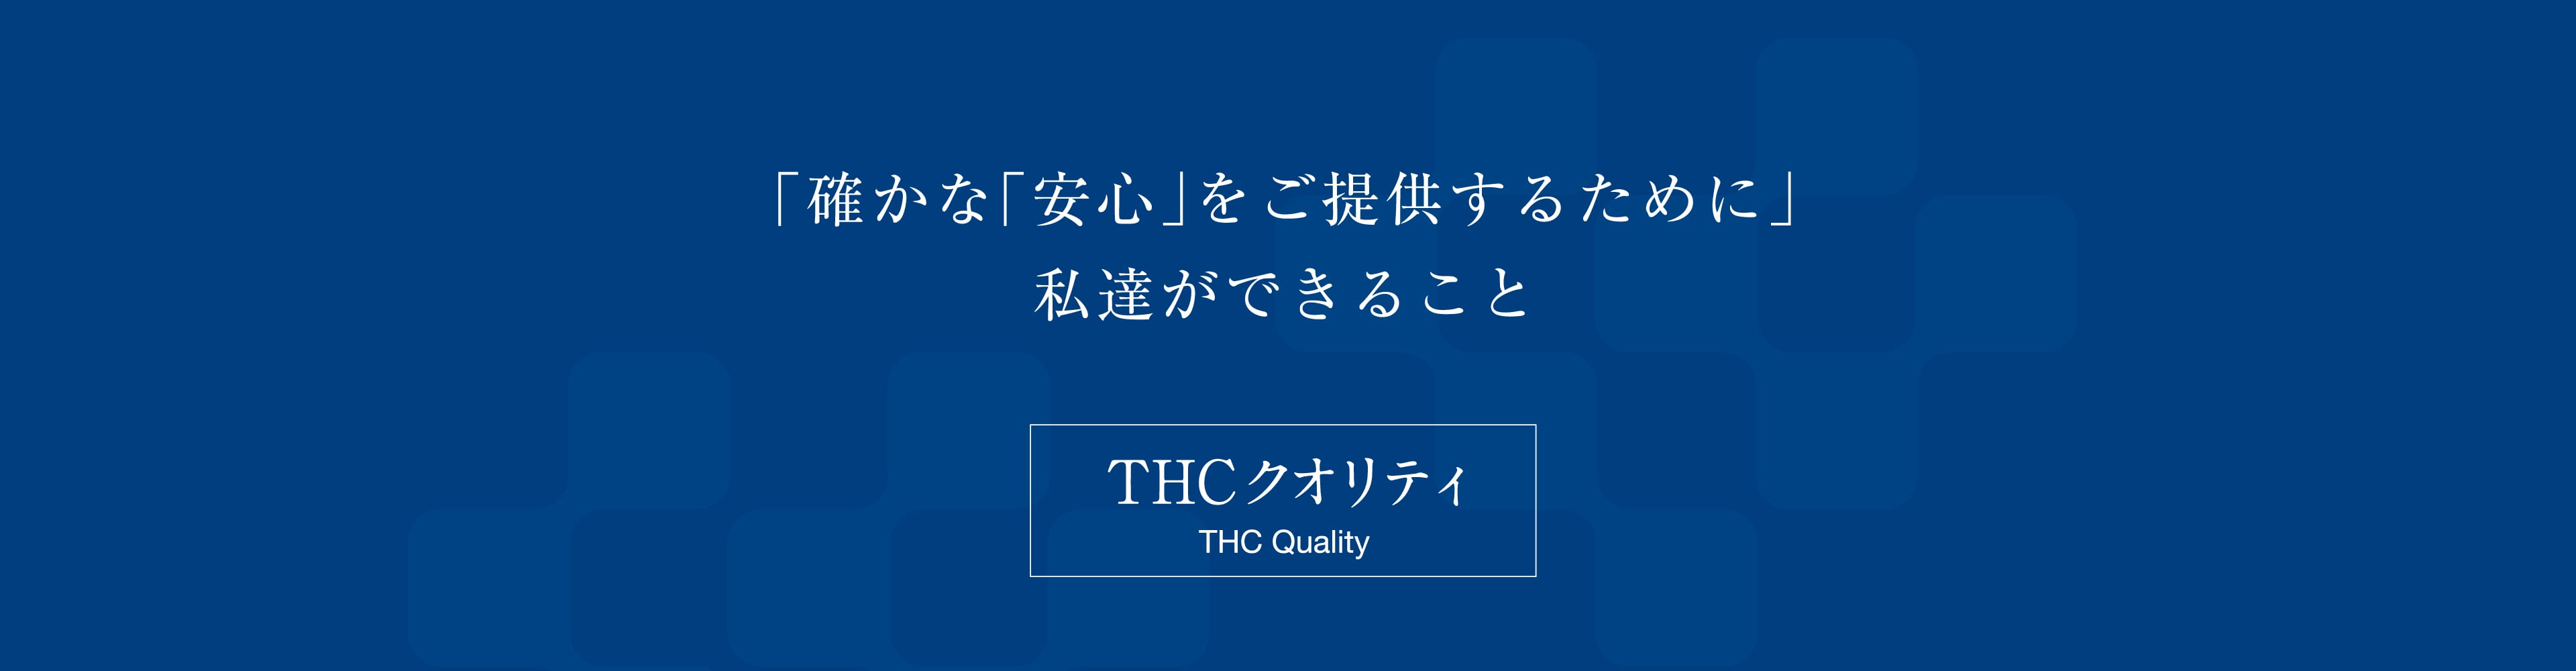 確かな「安心」をご提供するために私達ができること THCクオリティ